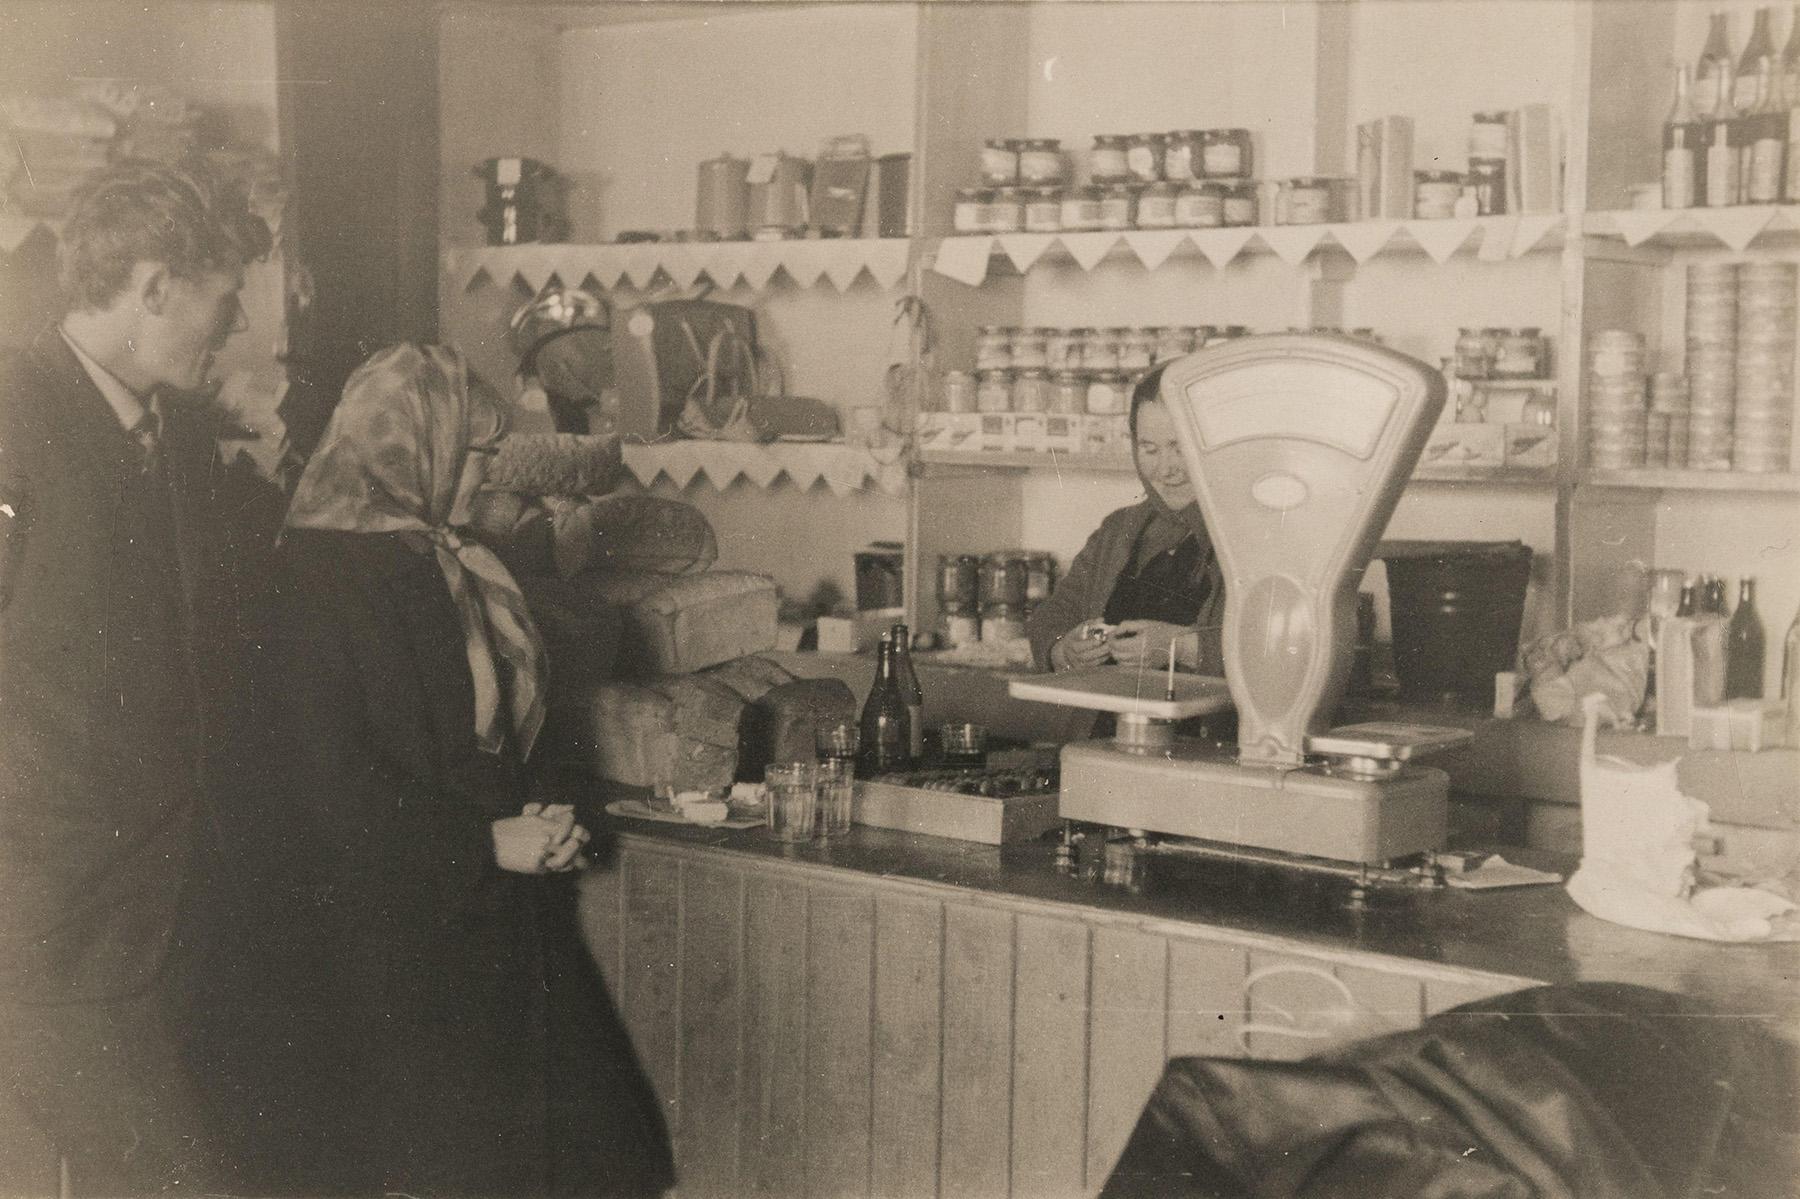 Mantsinsaaren kyläkauppa vuonna 1966. SKS KIA, Malkki-perheen arkisto. CC BY 4.0